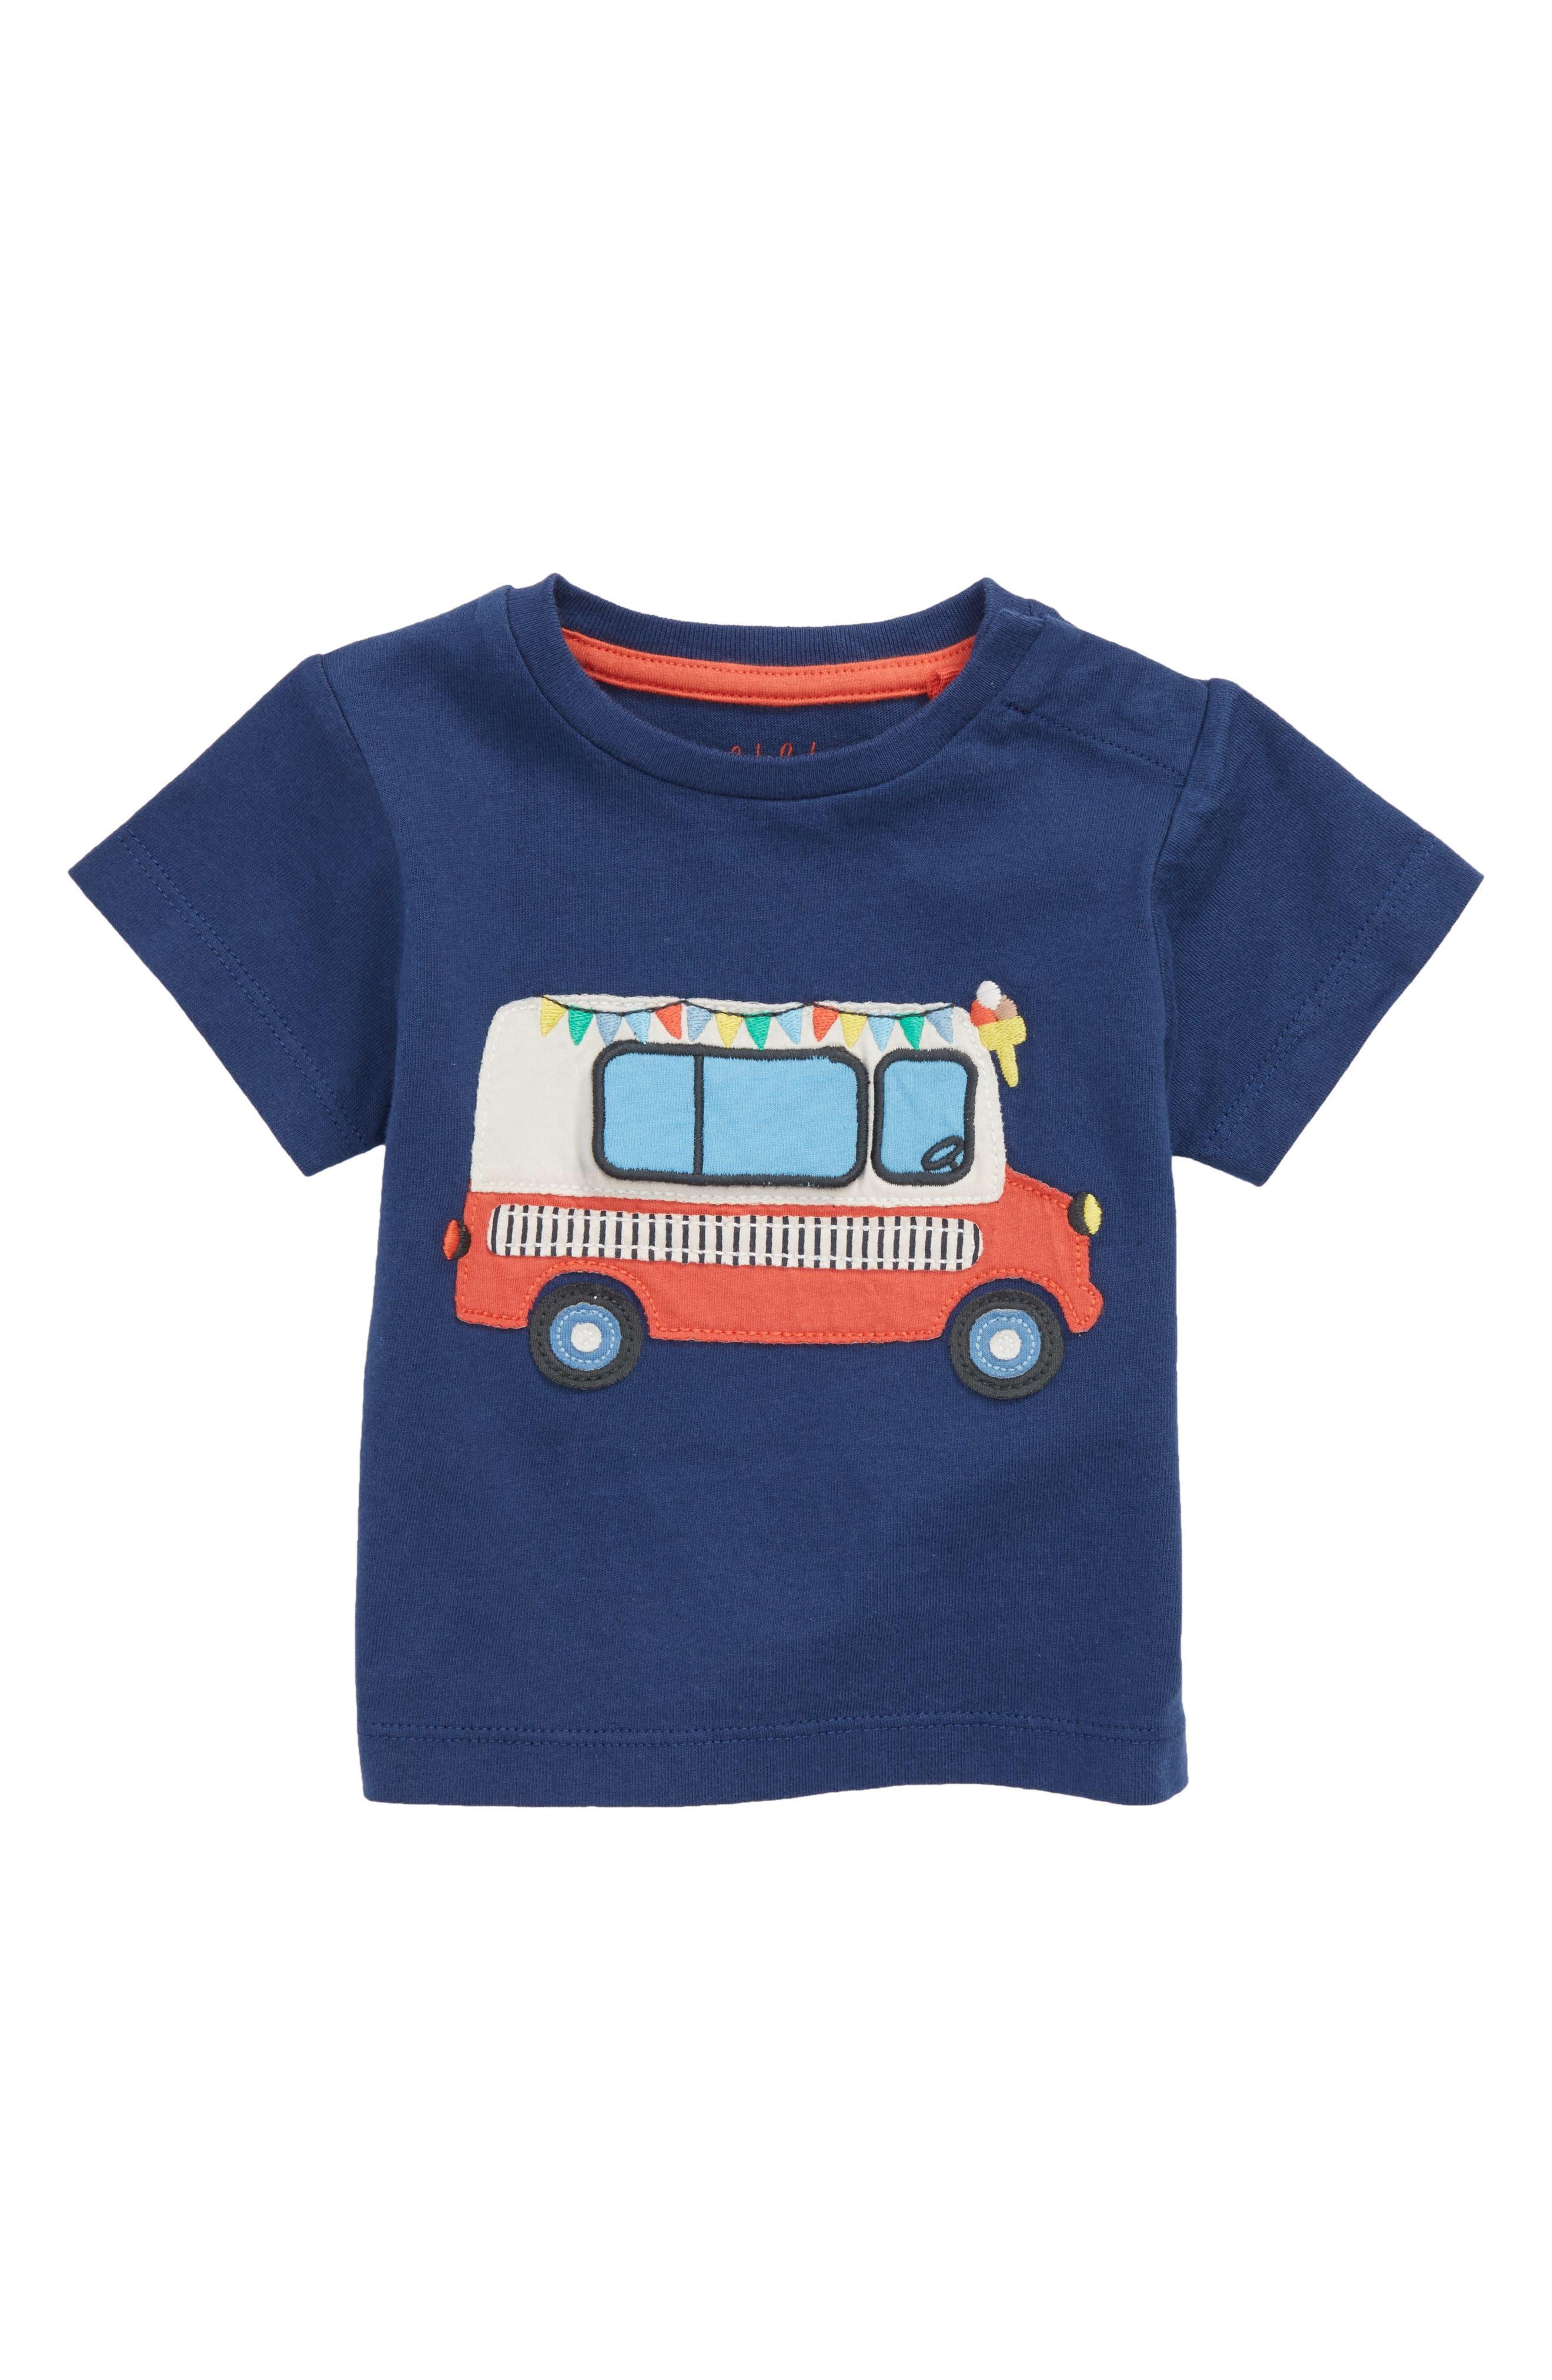 Peekaboo T-Shirt,                             Main thumbnail 1, color,                             Beacon Blue